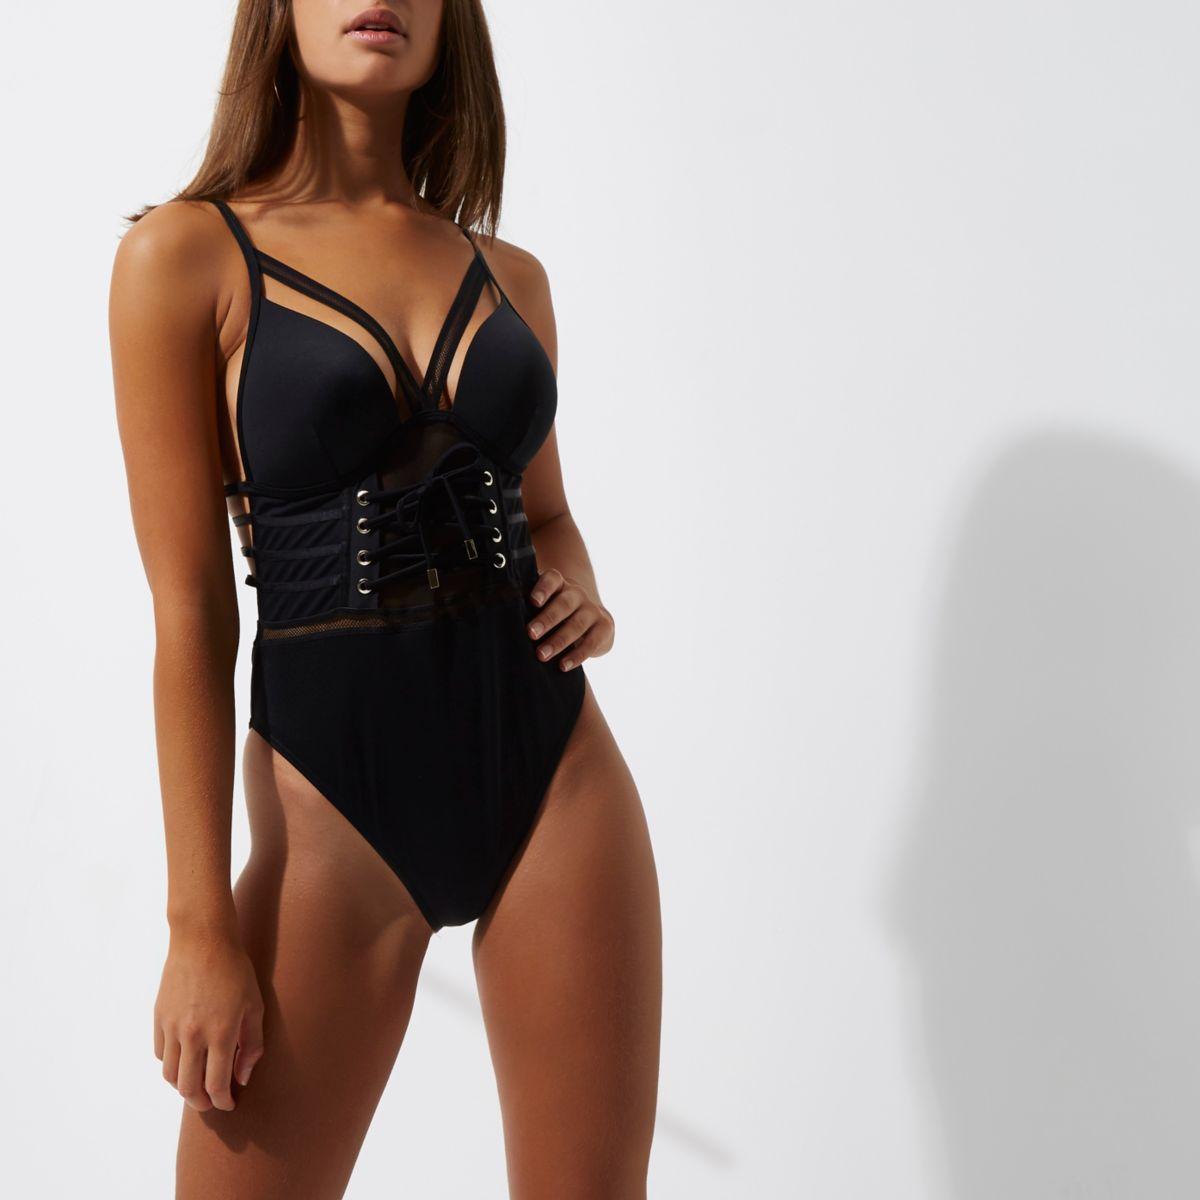 Zwarte mesh laag uitgesneden zwempak met bandjes en corsetsluiting